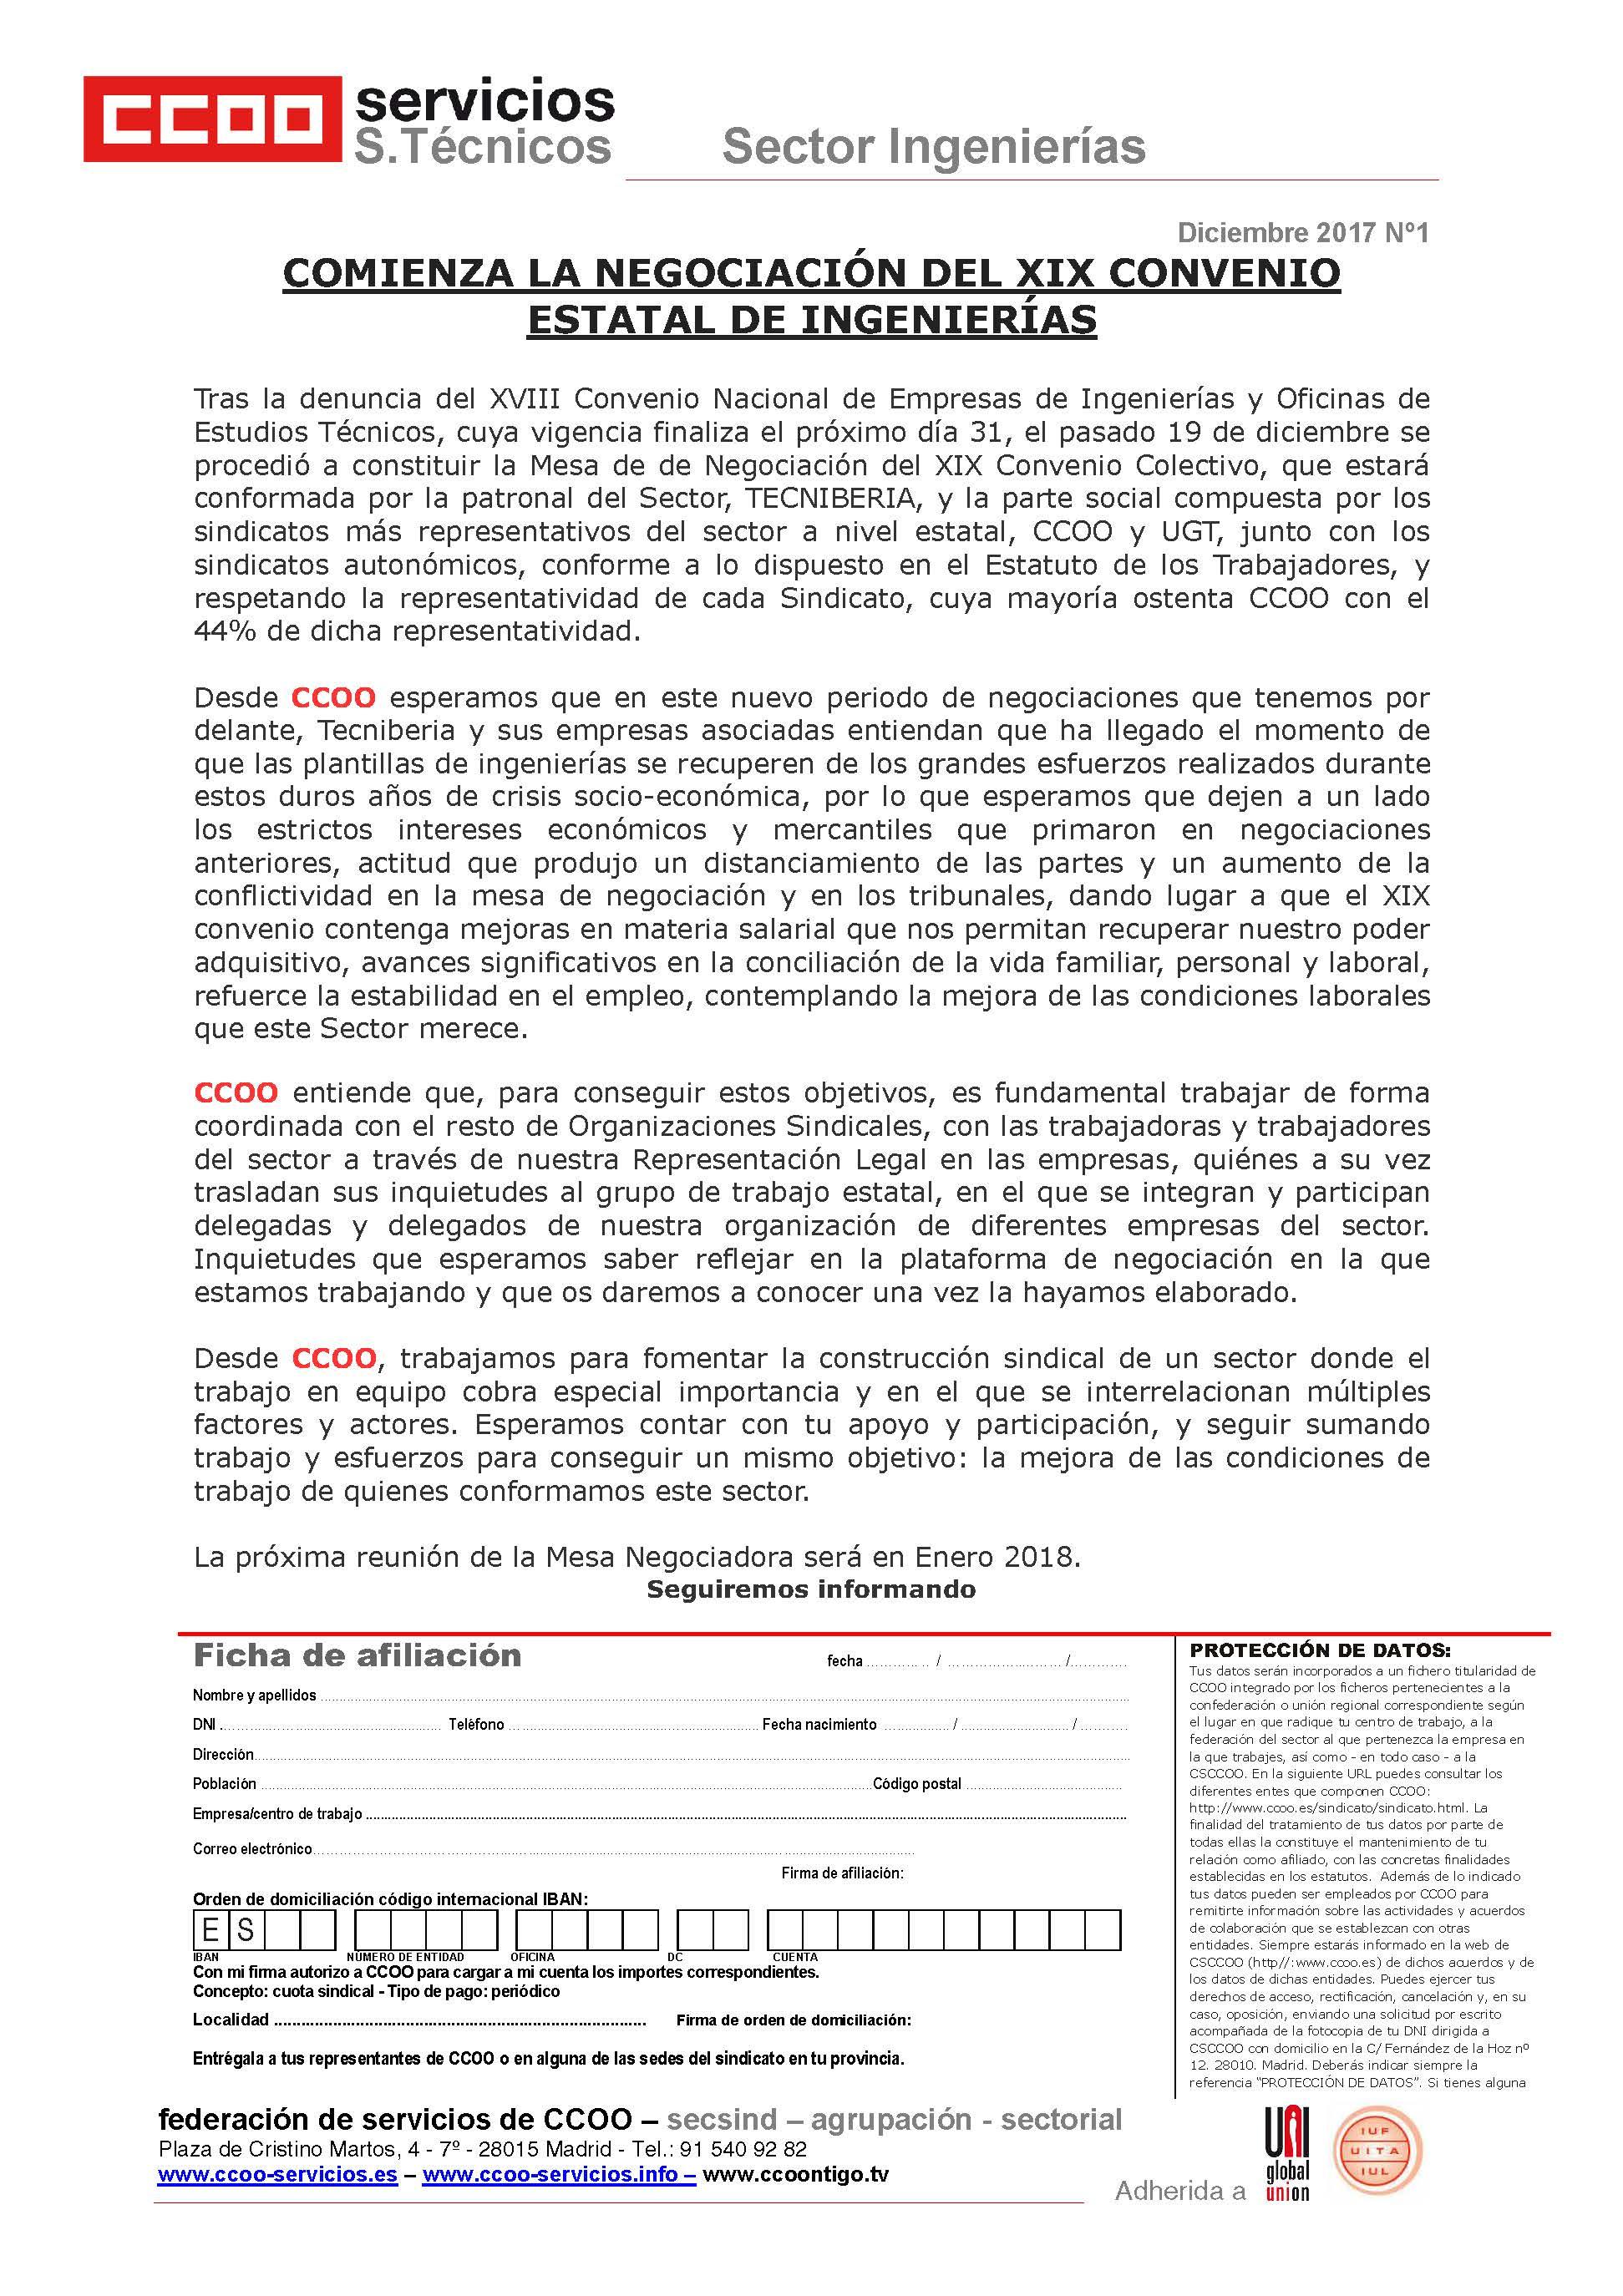 Convenio Ingenierías - CCOO Federación Servicios